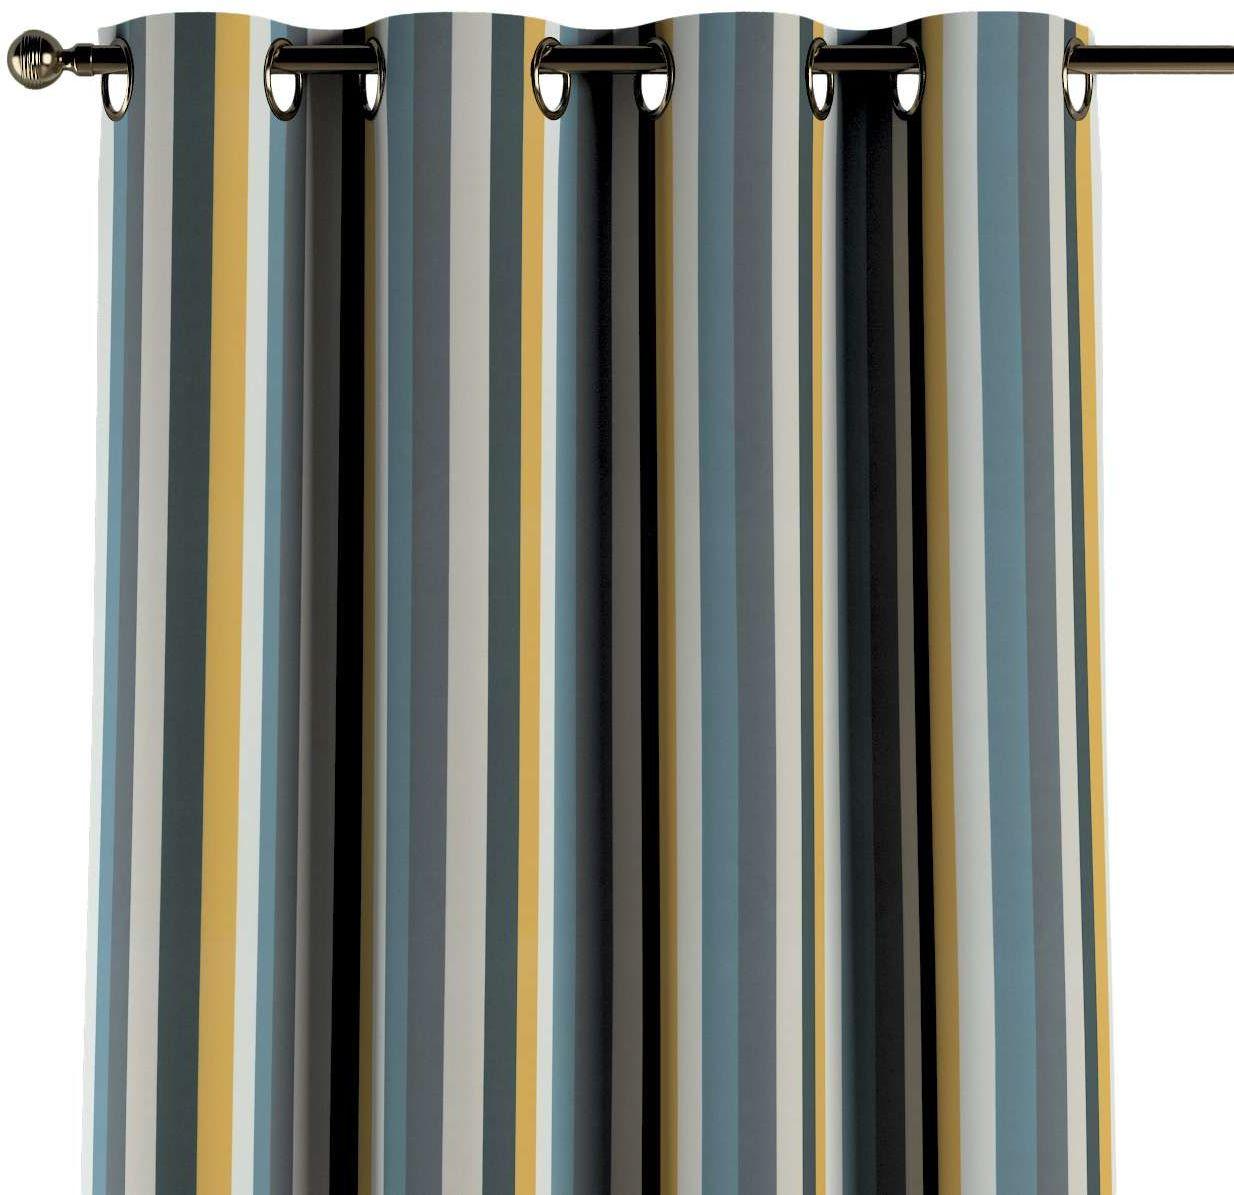 Zasłona na kółkach 1 szt., kolorowe pasy w niebiesko-żółto-szarej kolorystyce, 1szt 130  260 cm, Vintage 70''s